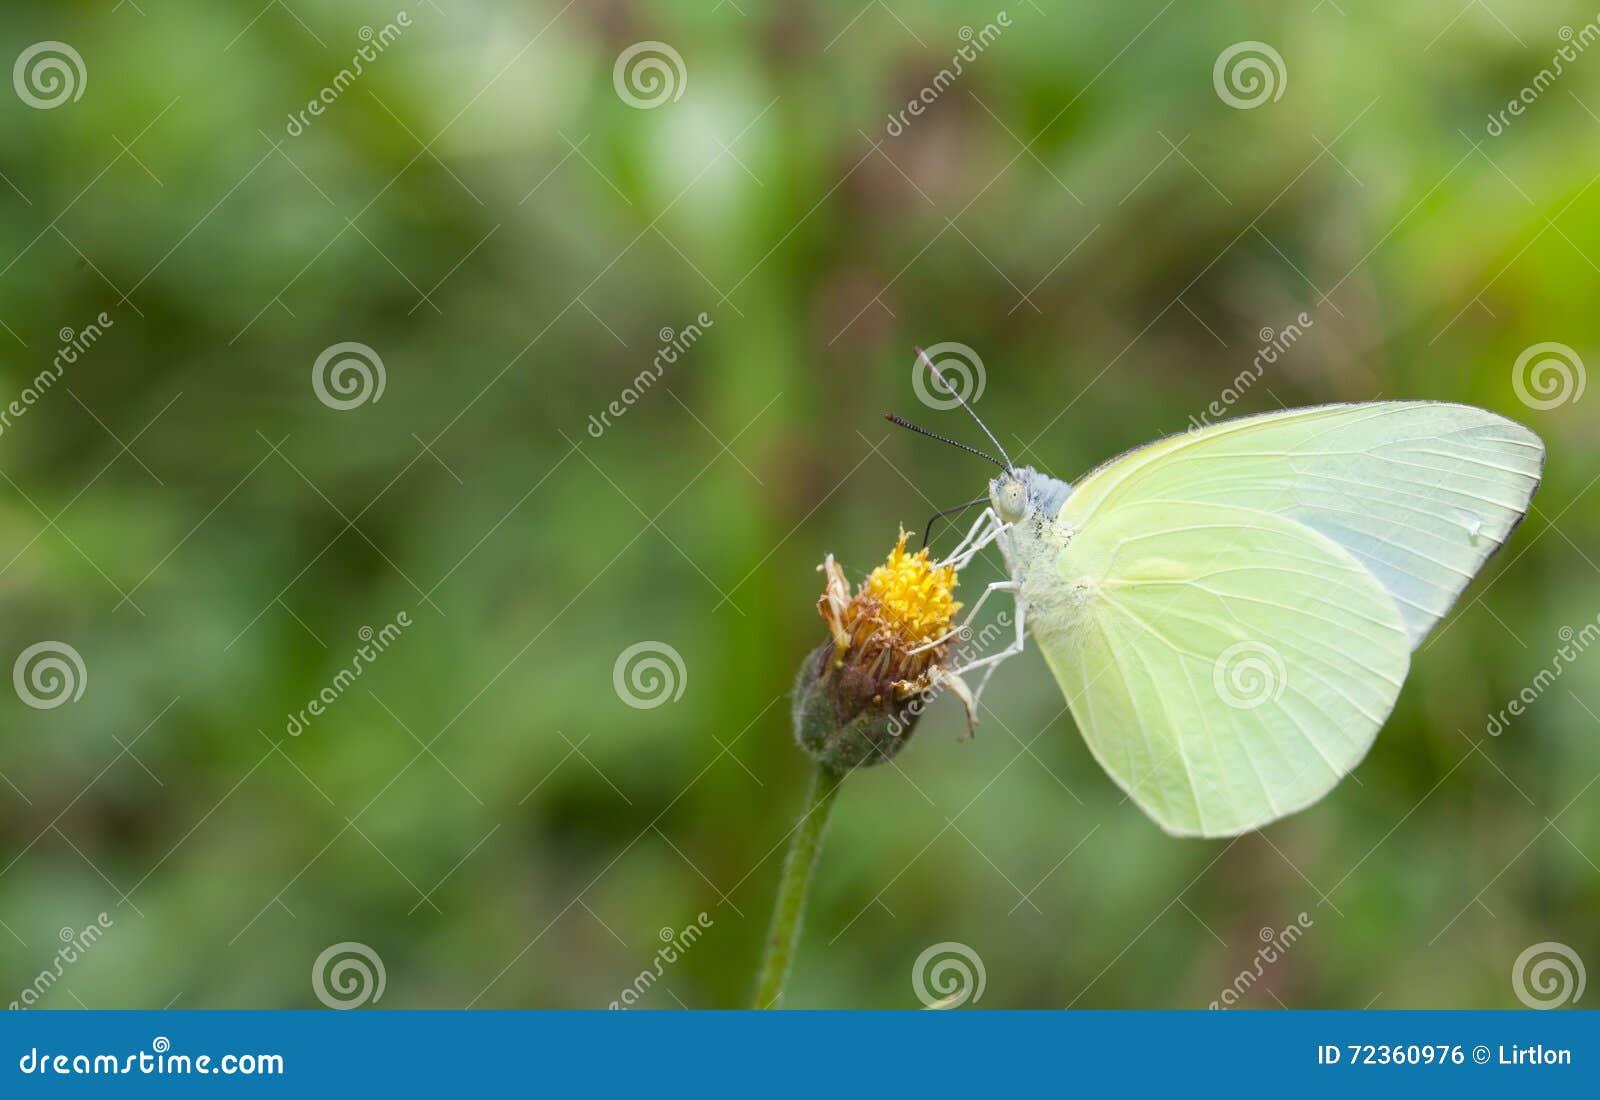 收集花蜜的蝴蝶从花